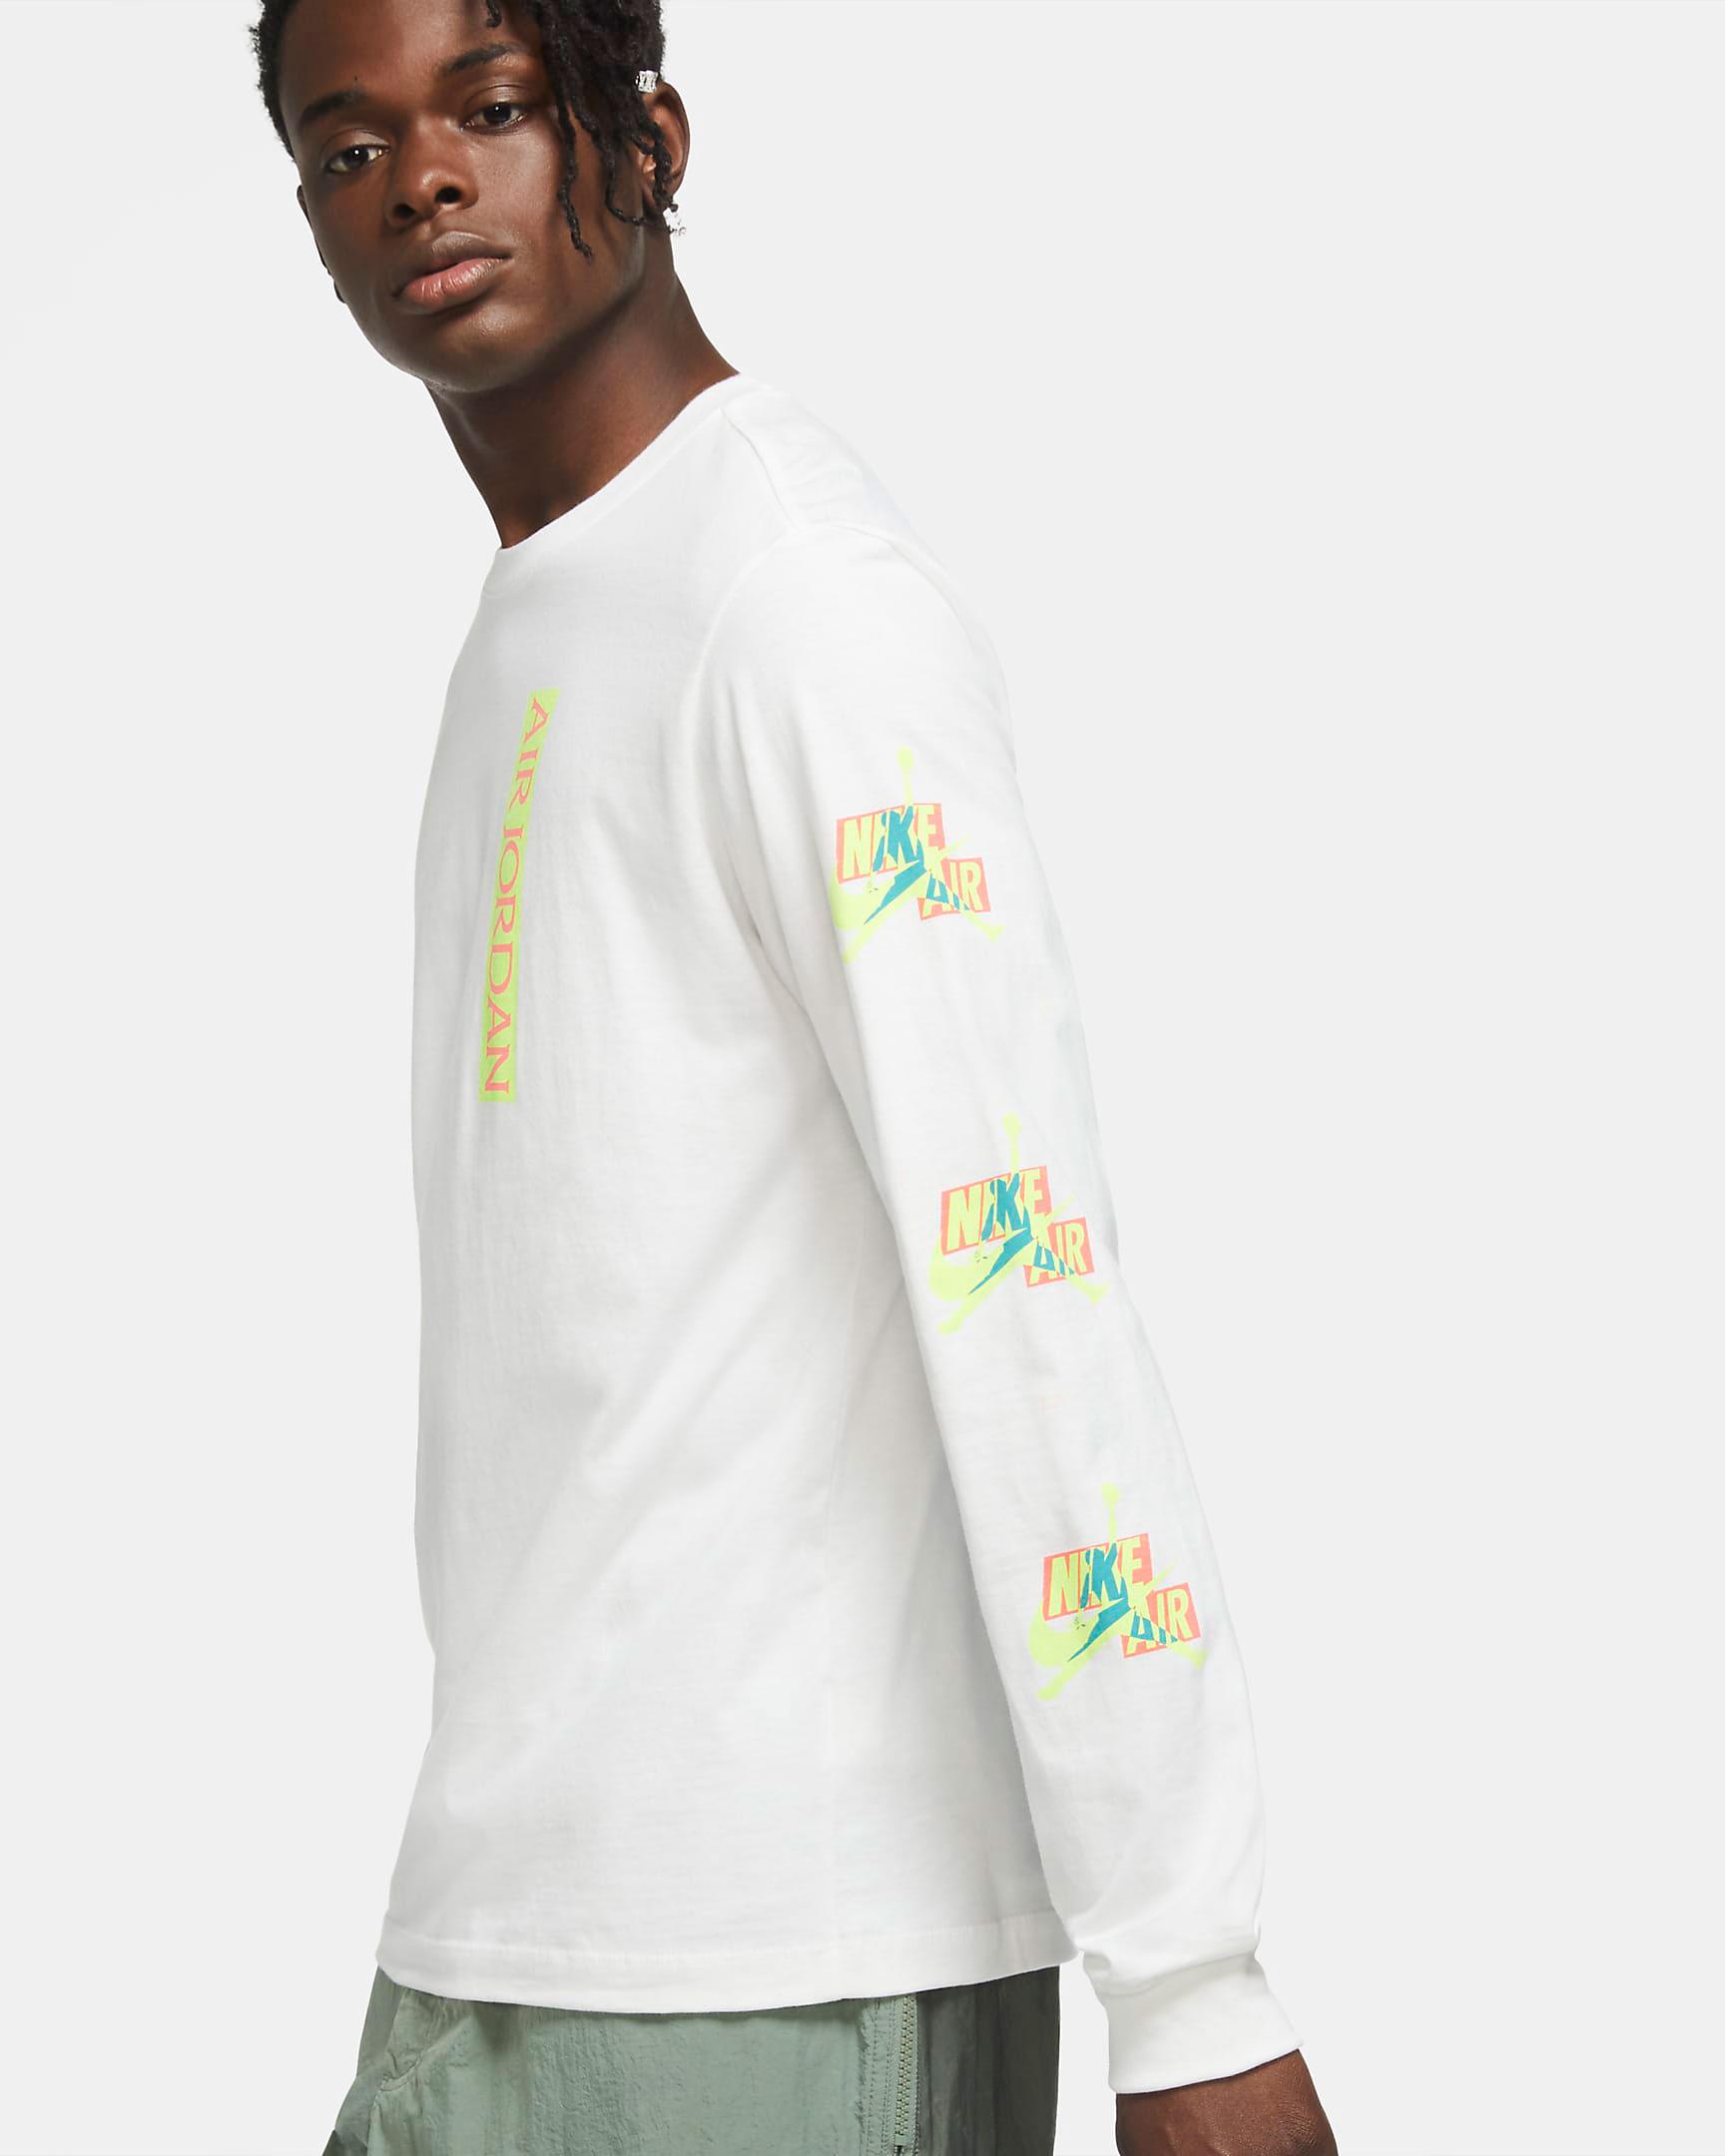 jordan-1-high-volt-gold-long-sleeve-shirt-3